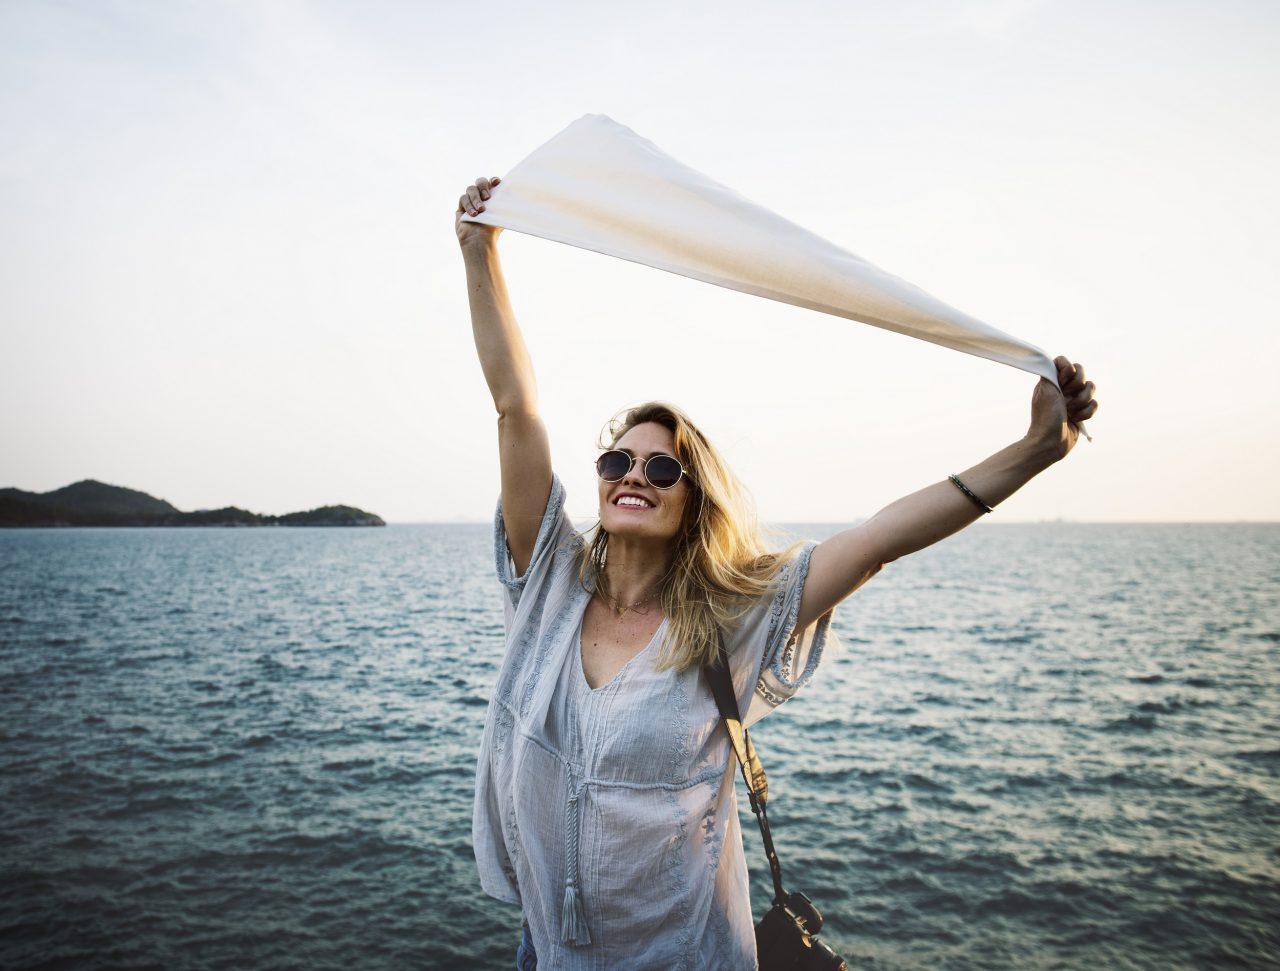 žena, šťastie, púpava, vzduch, život, voda, vietor,